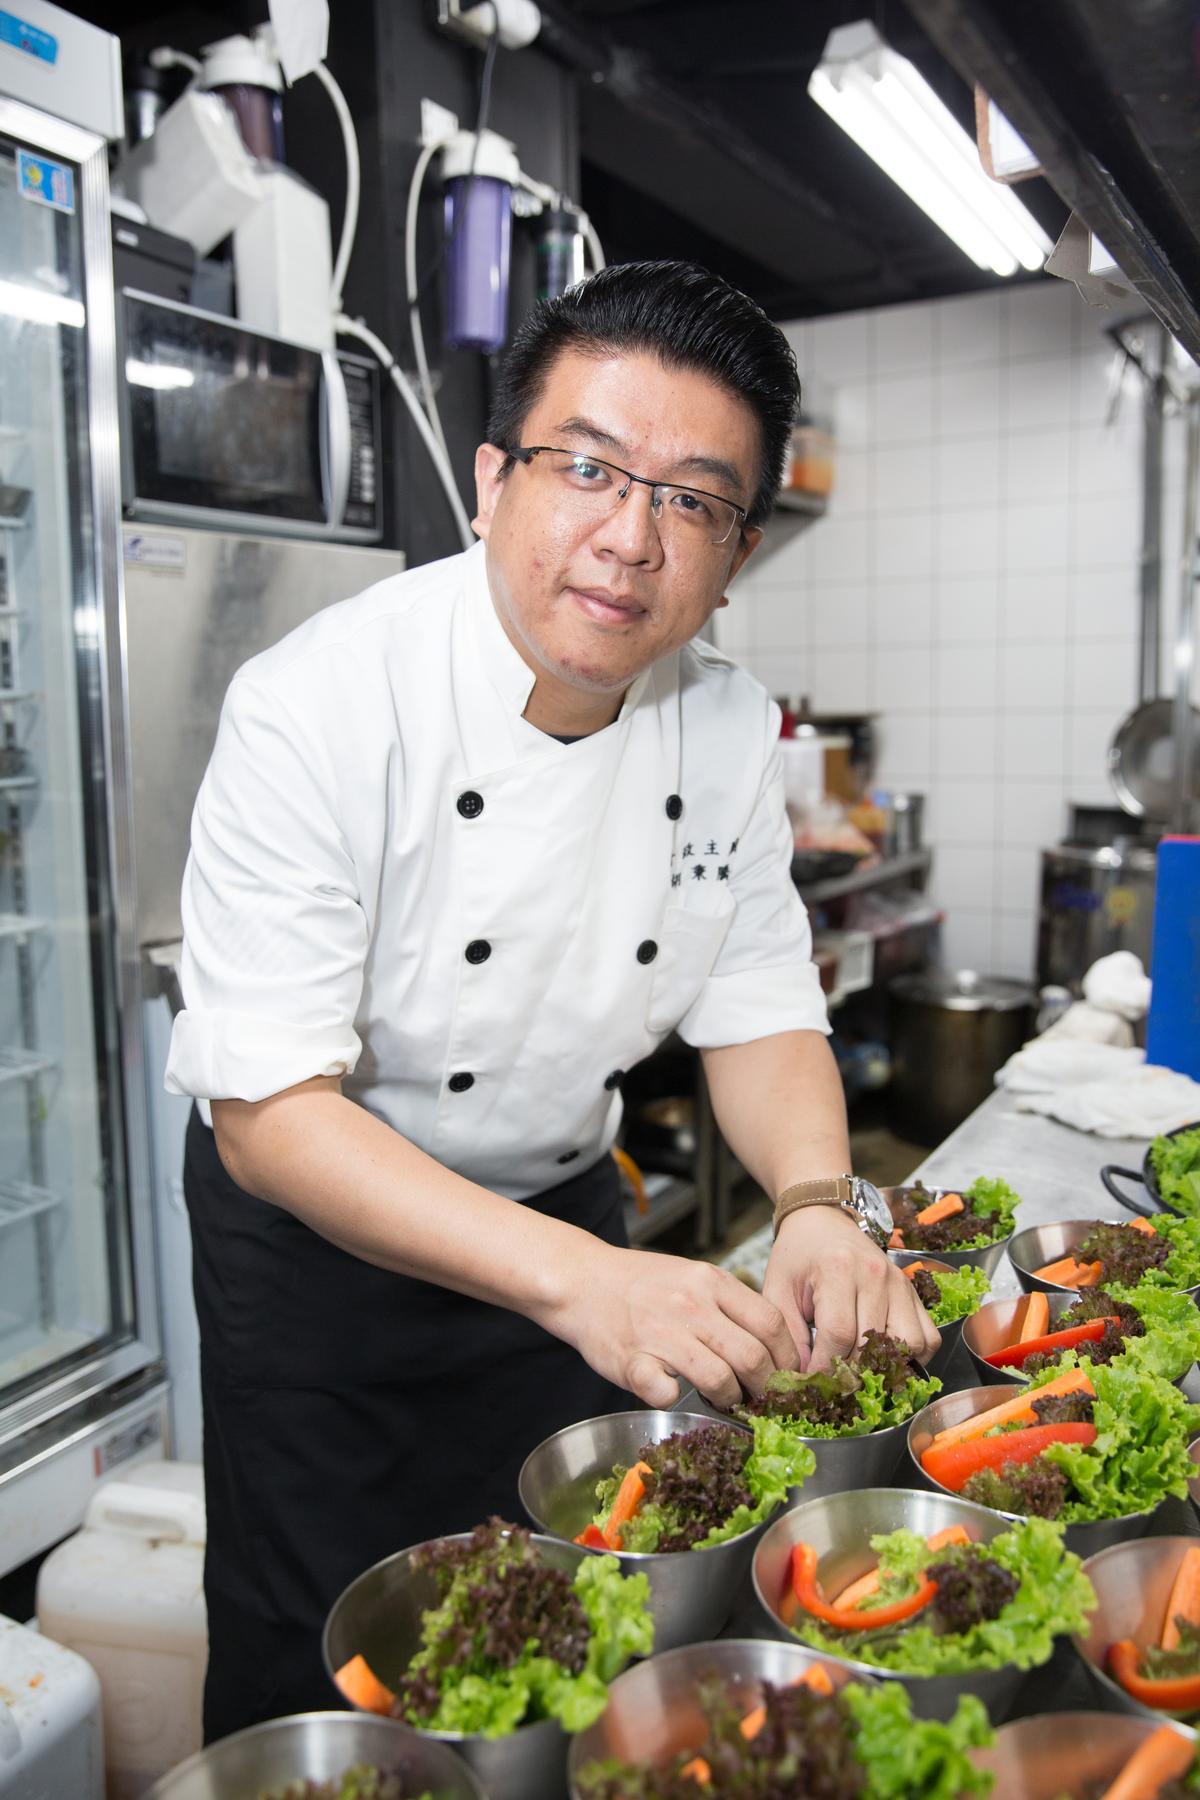 行政主廚胡秉騰常到韓國考察,為店內帶回新的料理元素。